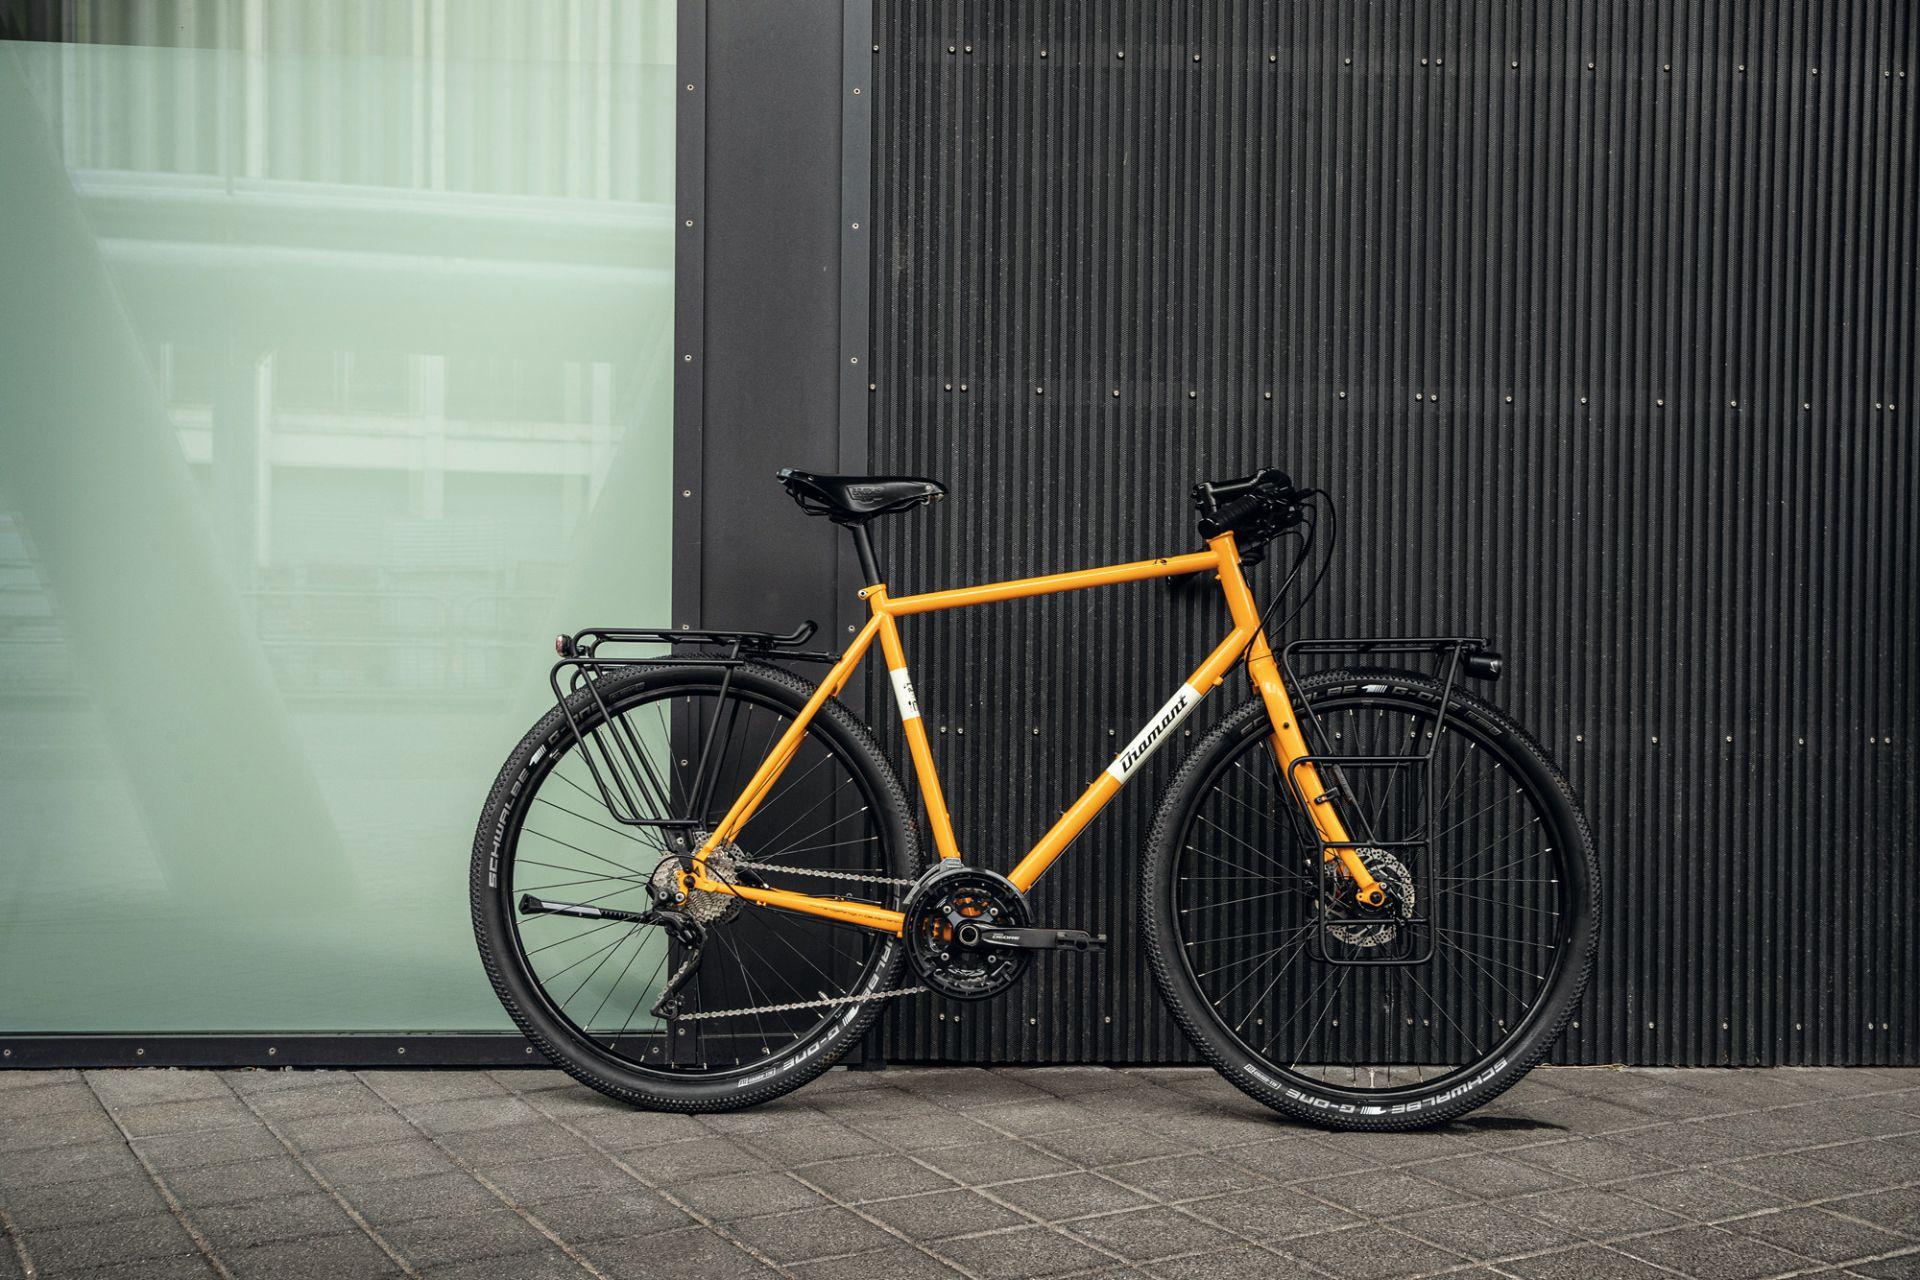 Willst du dieses Bike? Dann mach mit bei unserem Wettbewerb.